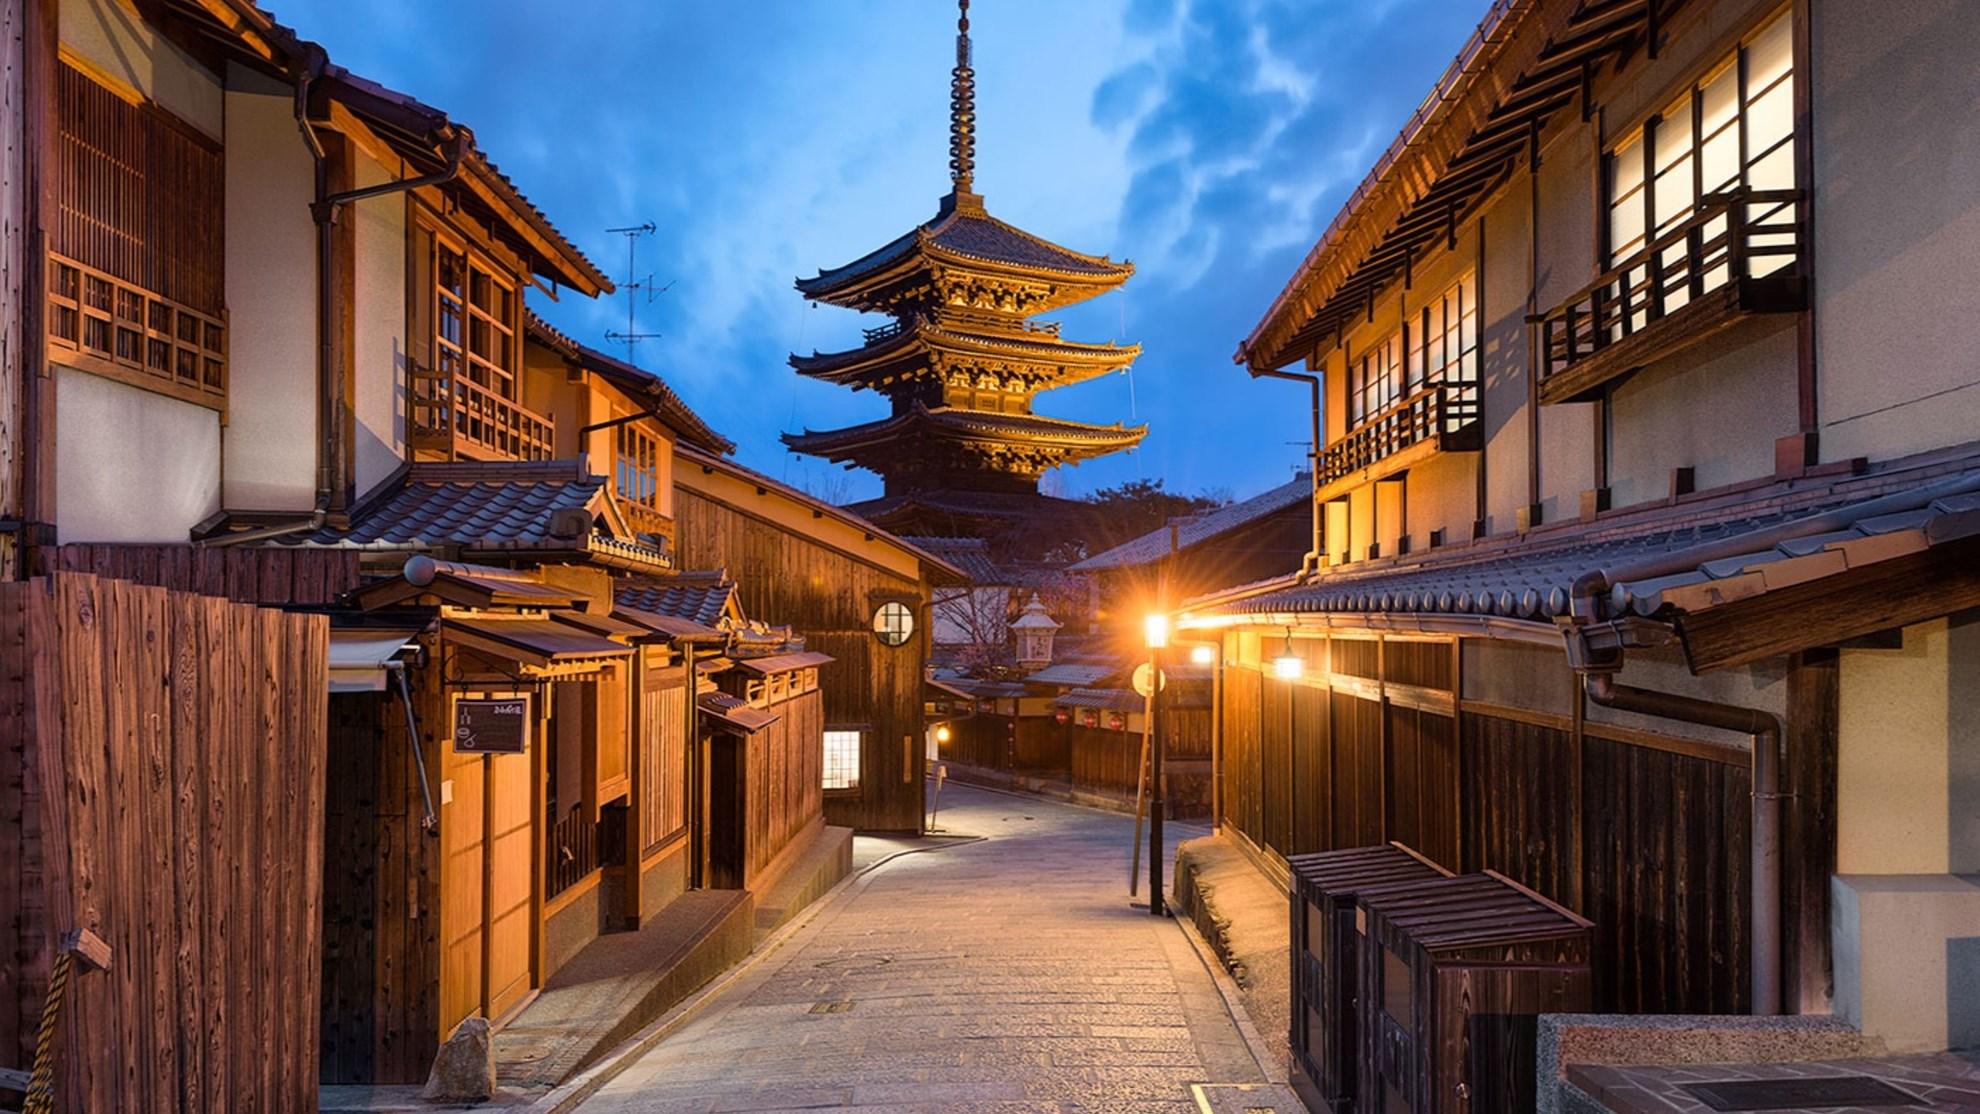 Hình đại điện của danh mục Kyoto